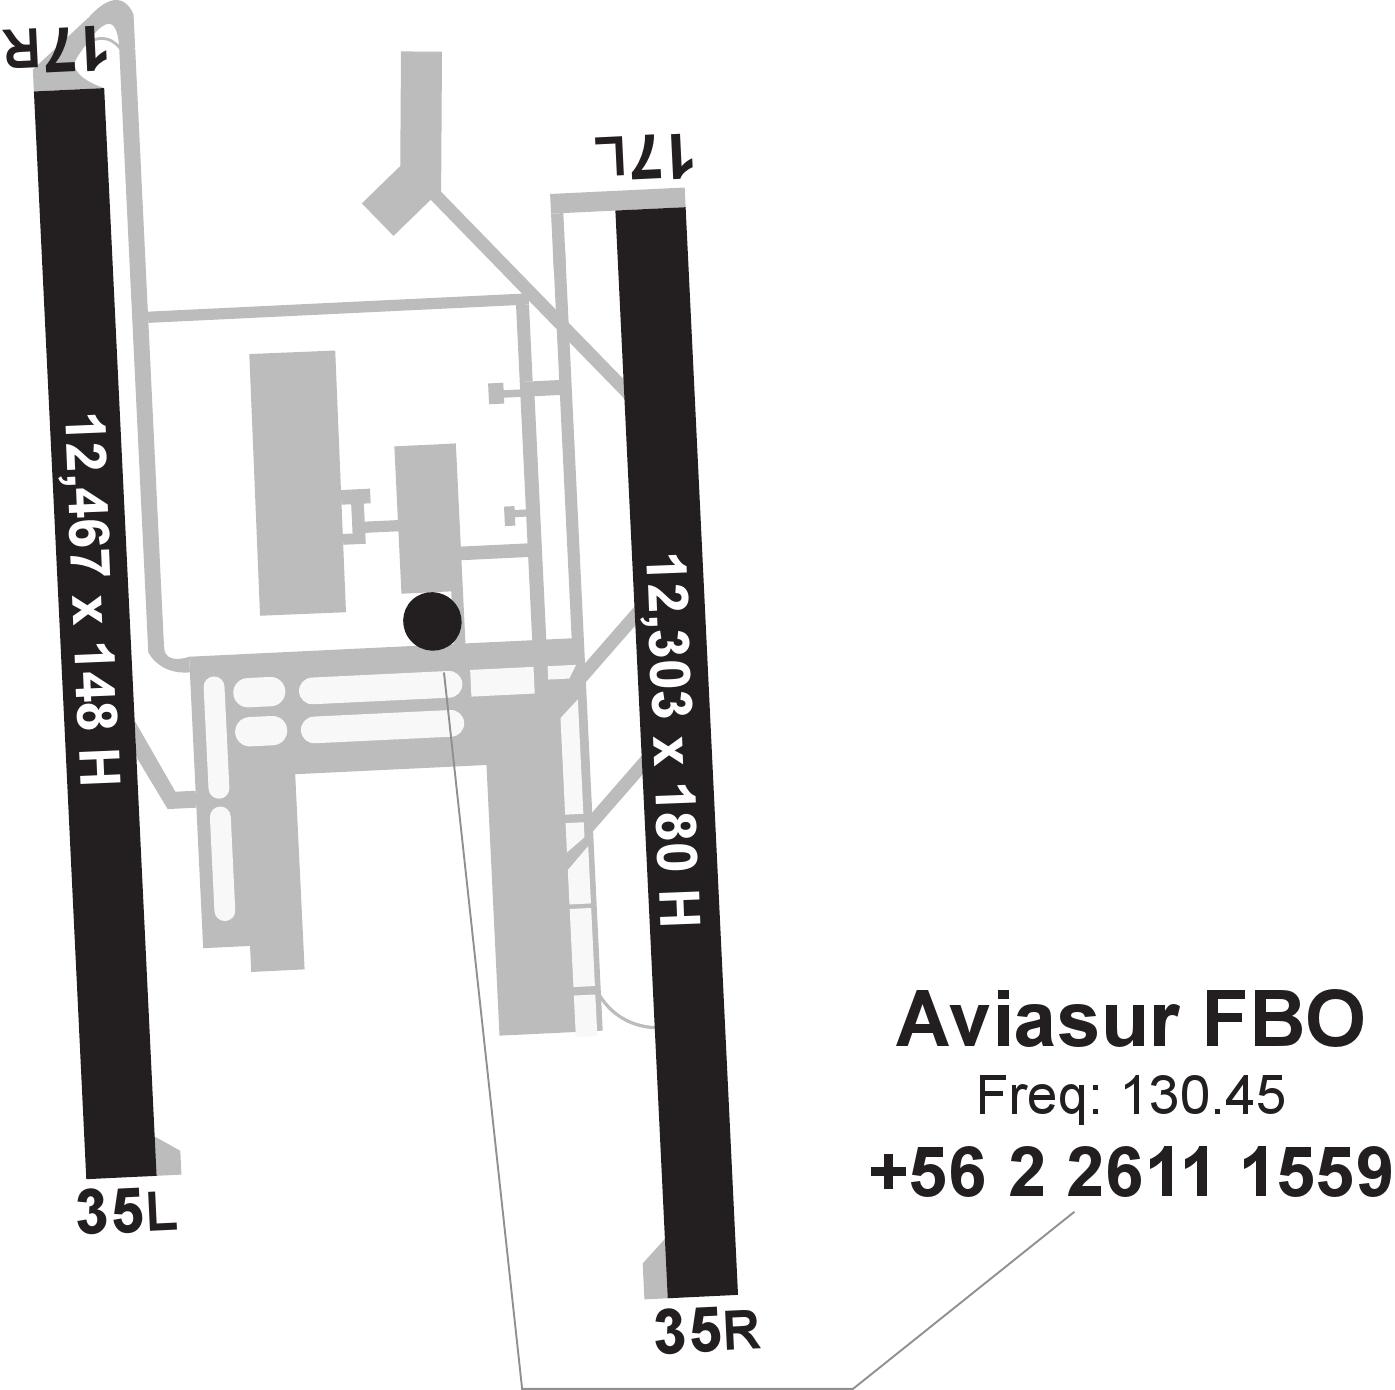 Aviasur Fbo